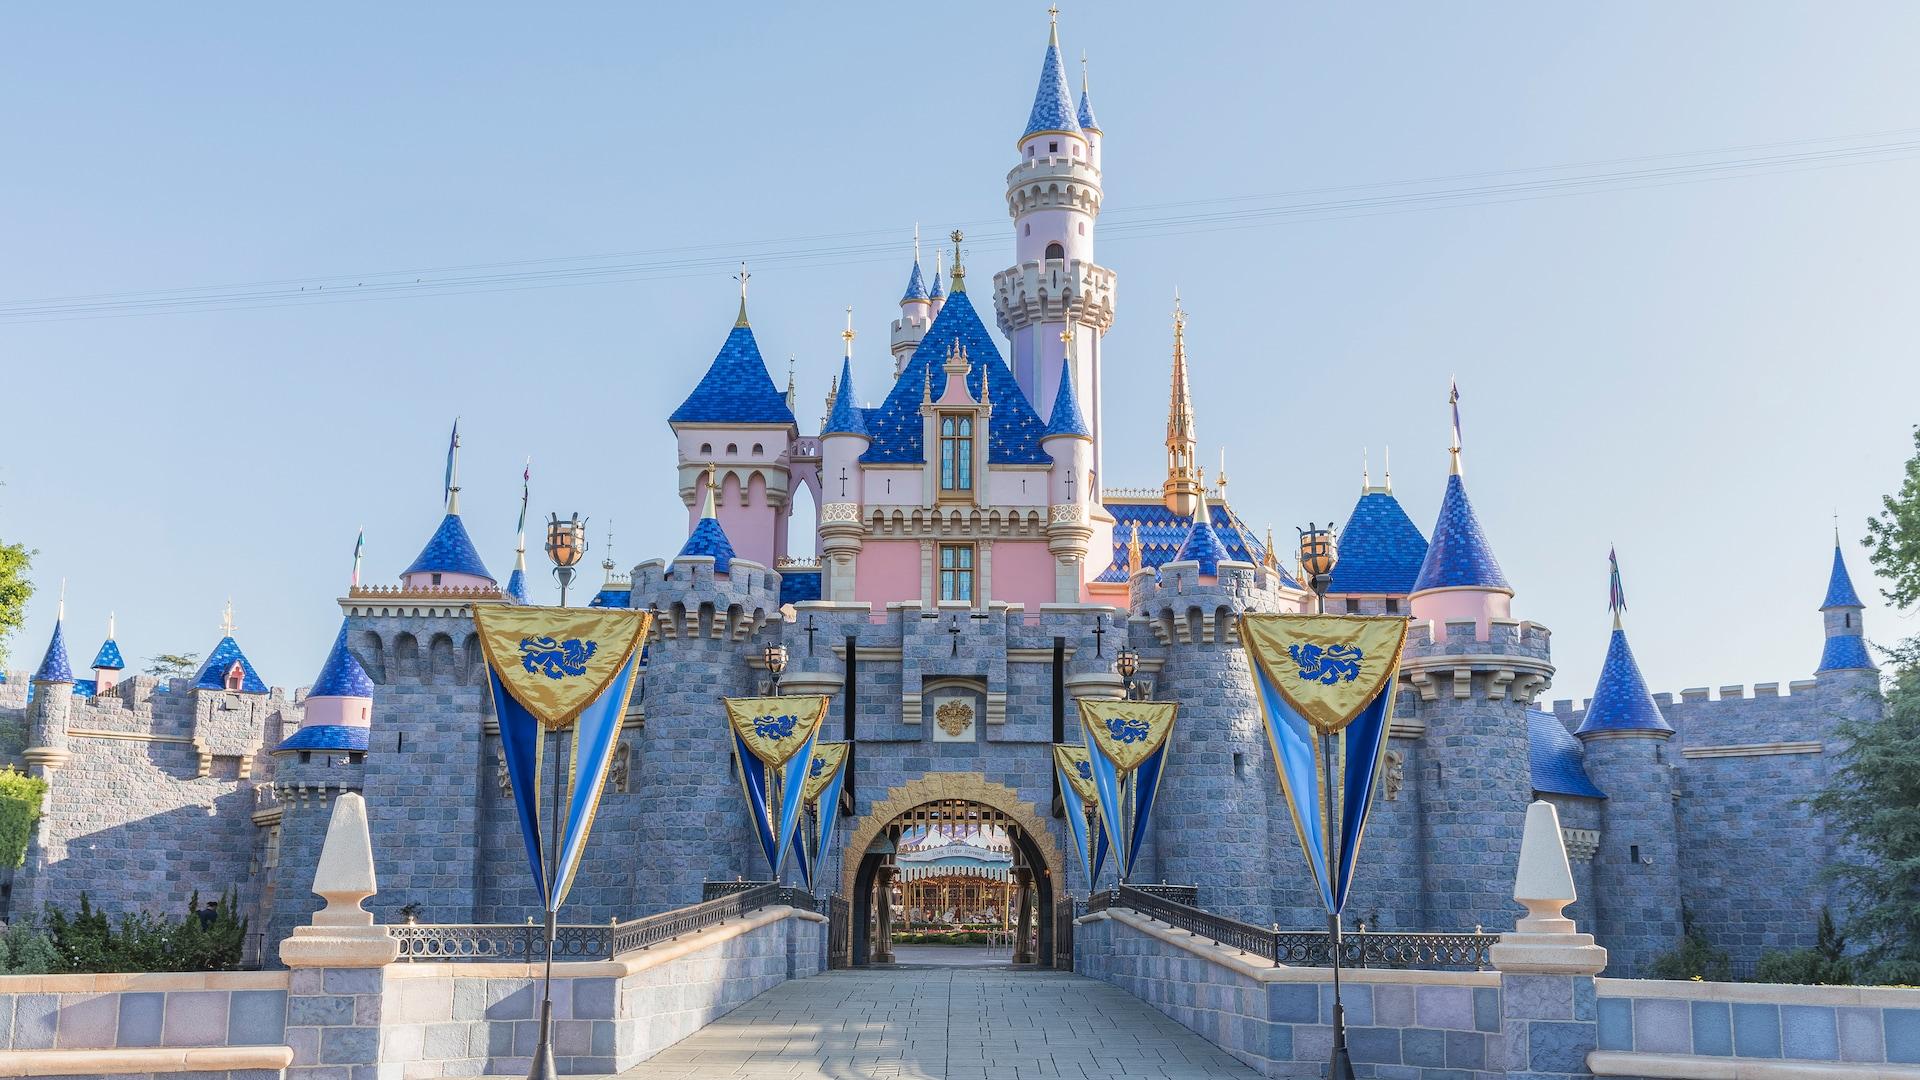 캘리포니아 디즈니랜드 잠자는 숲속의 공주